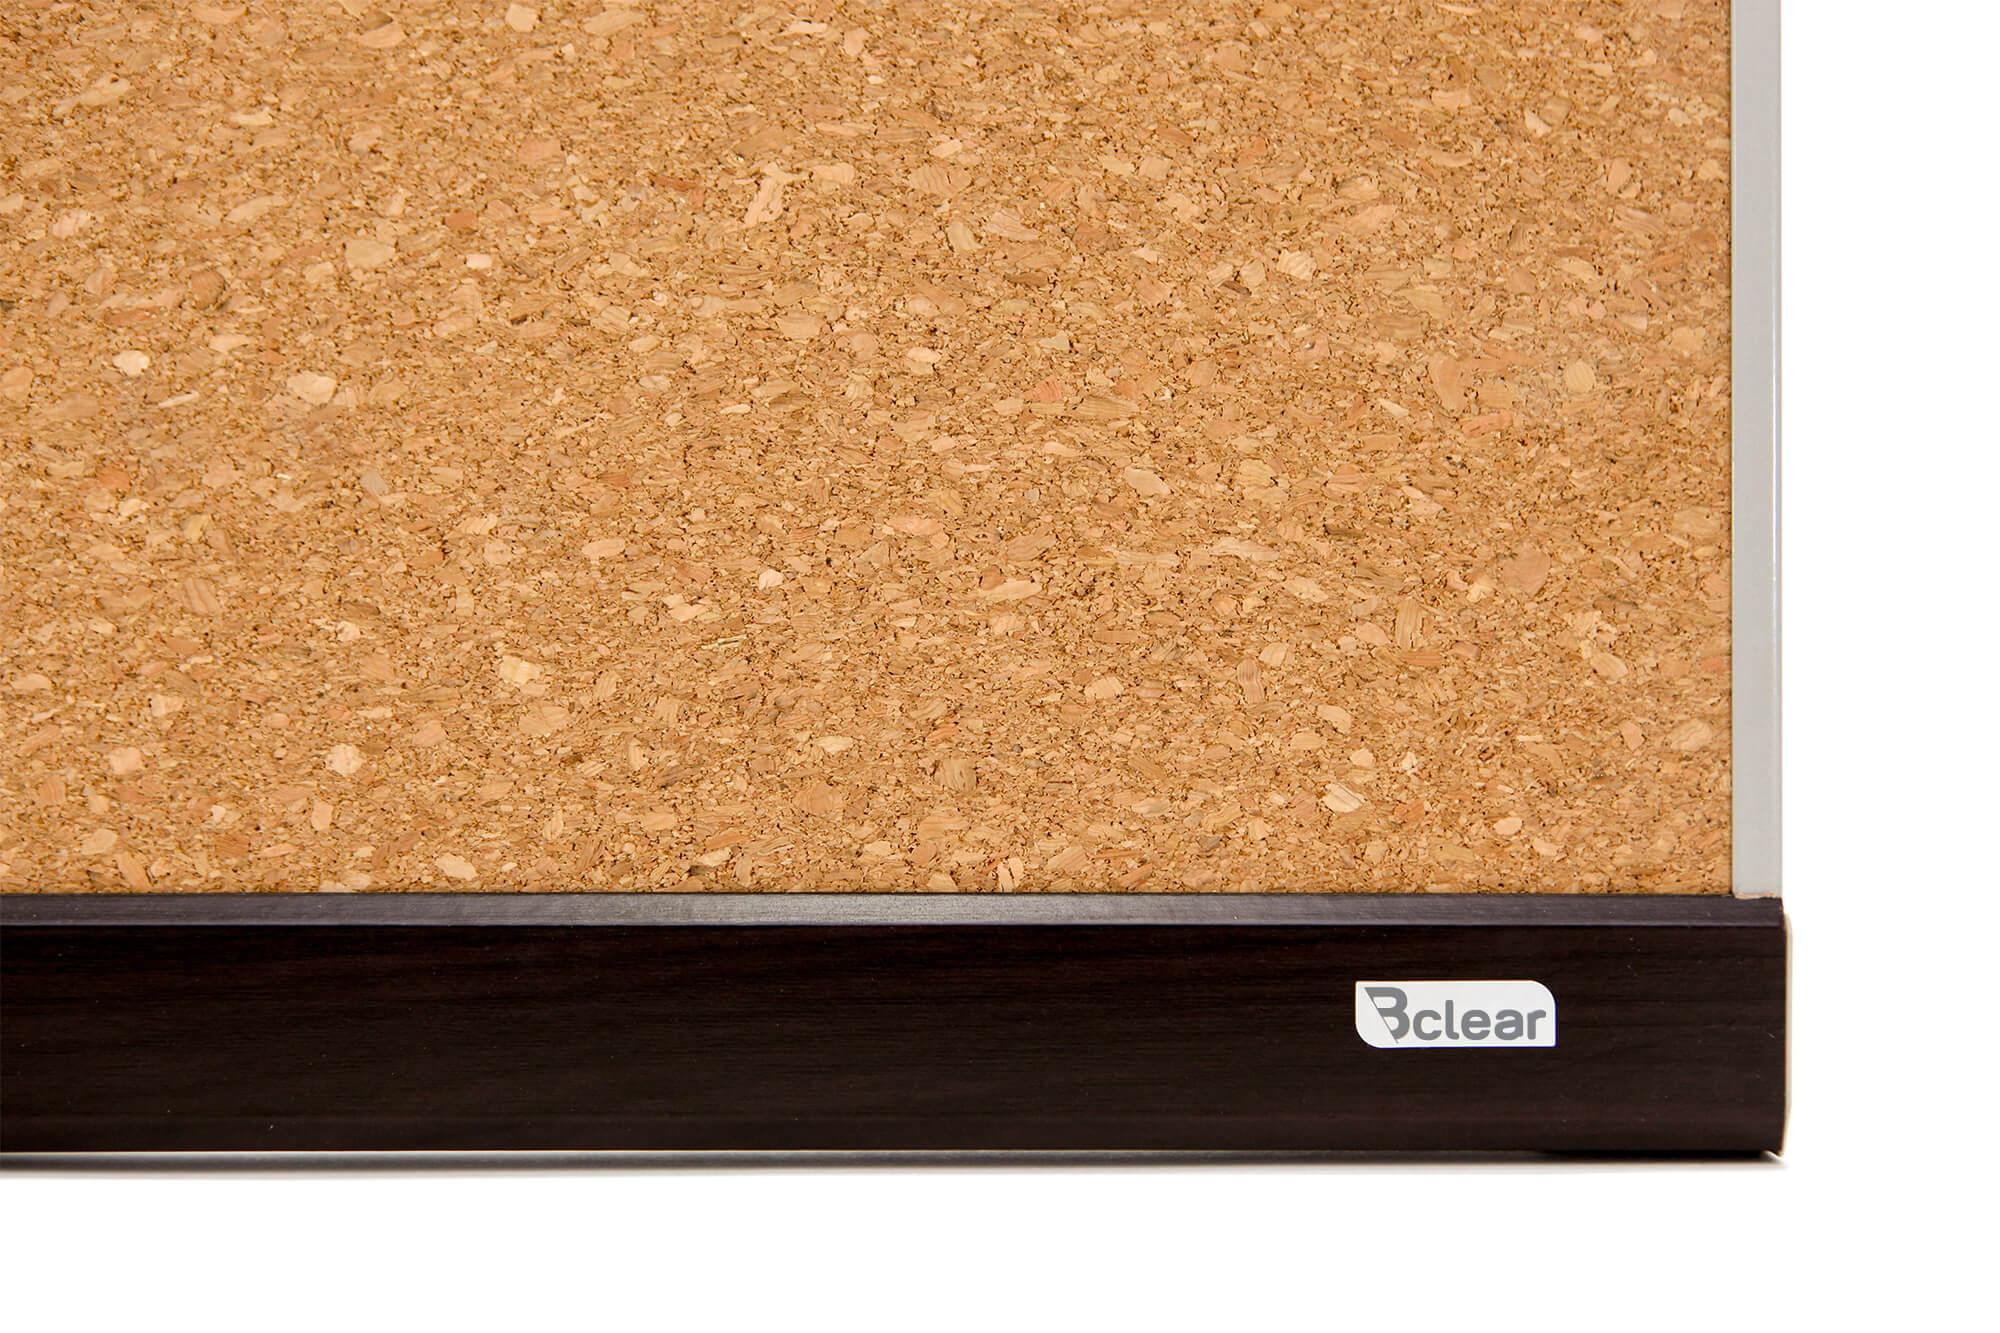 לוח שעם מסגרת עץ נעיצה Bclear תקריב